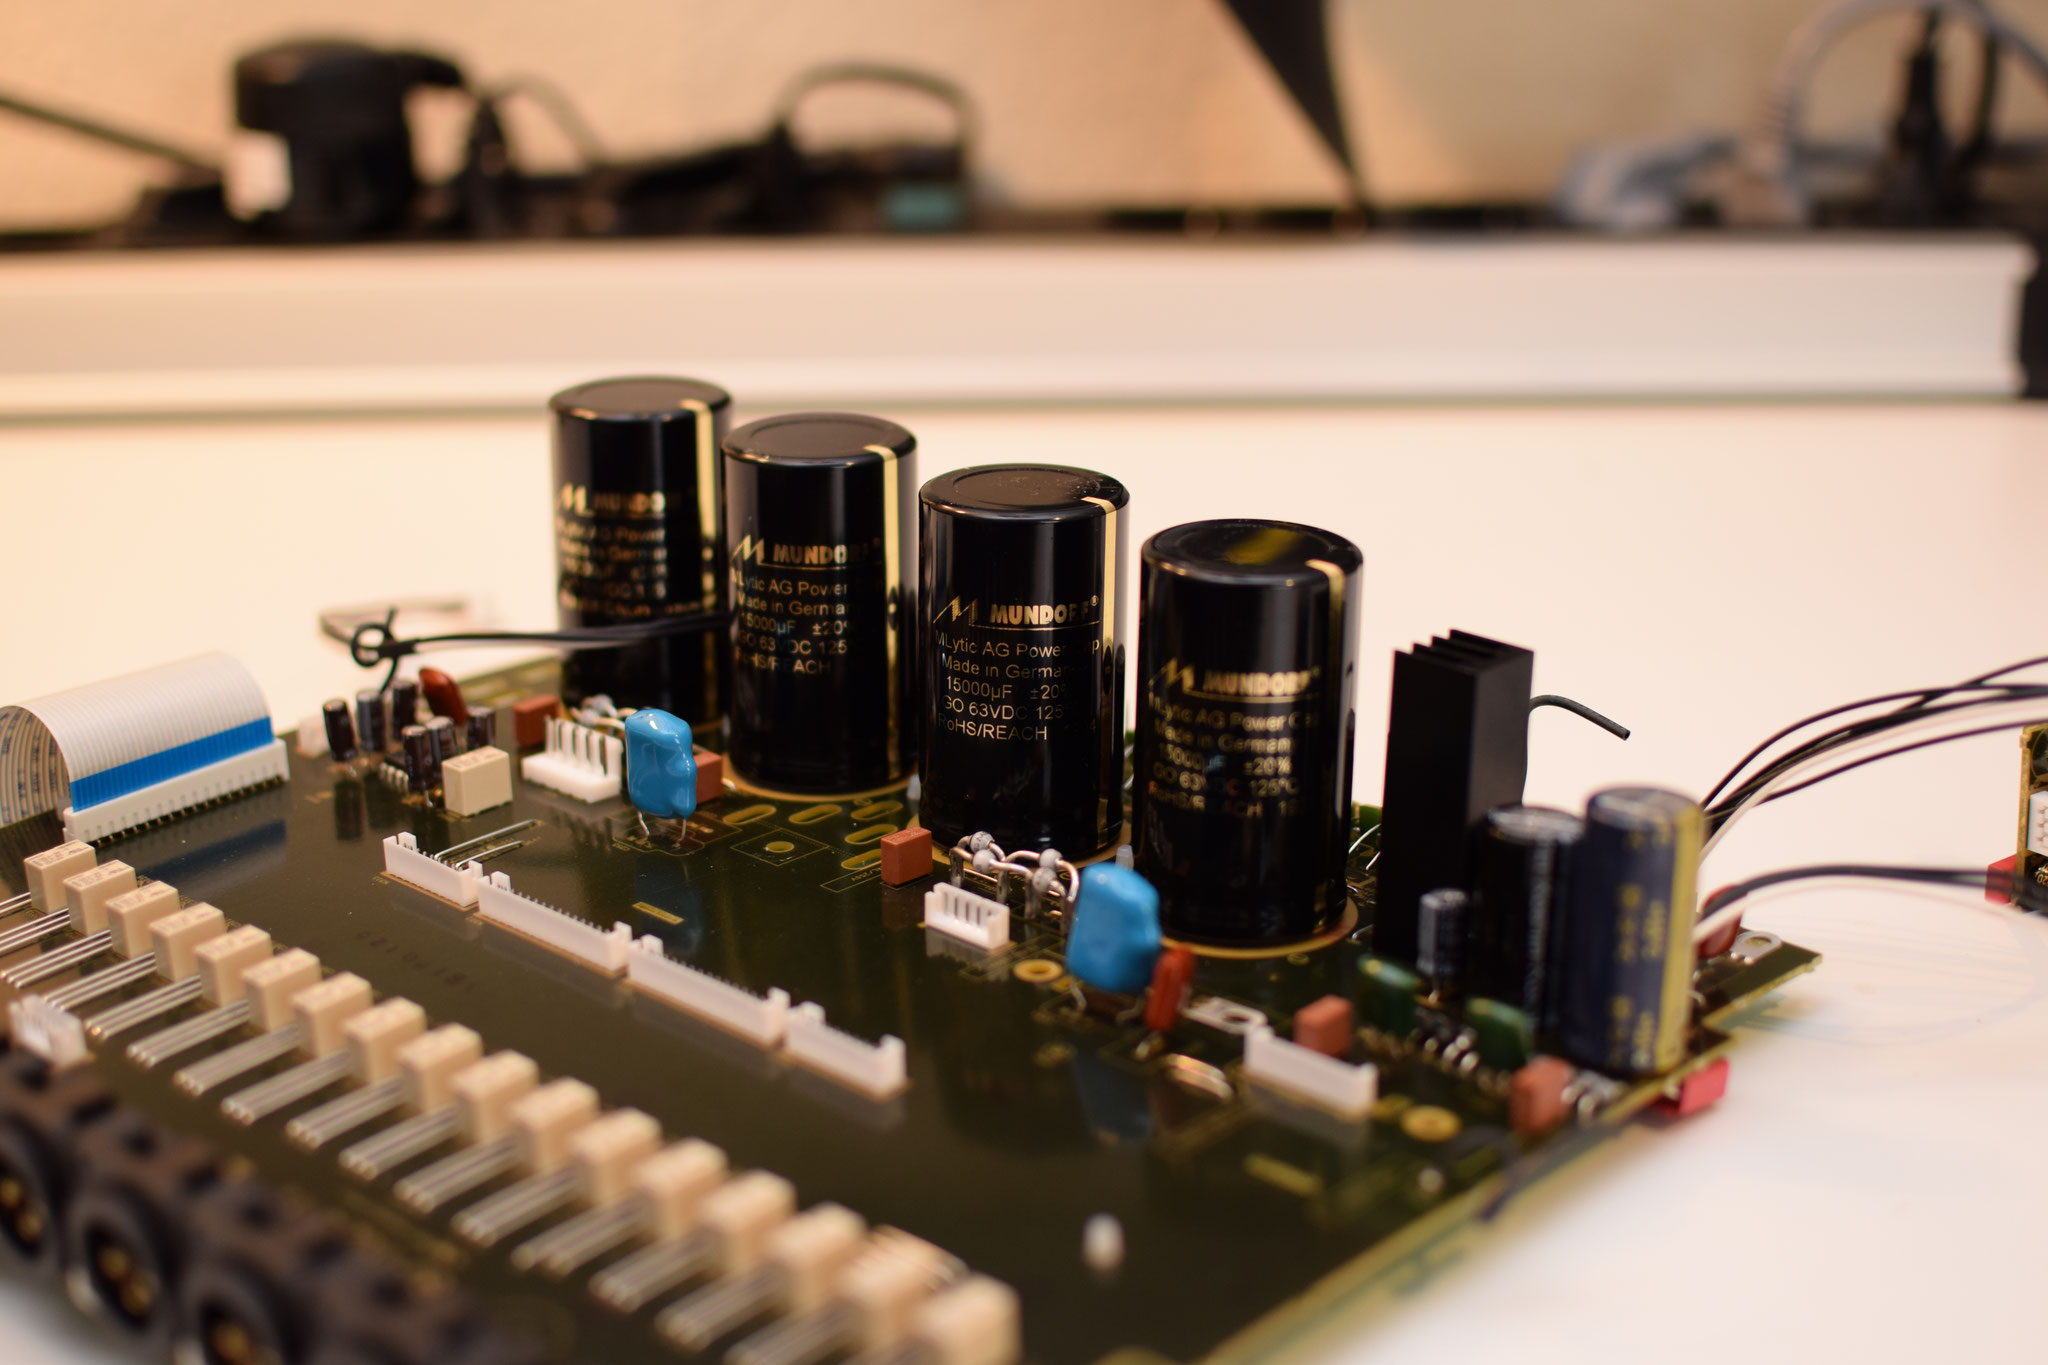 AV8805 Spannungsversorgung und Hauptpufferung der Audio Einheit